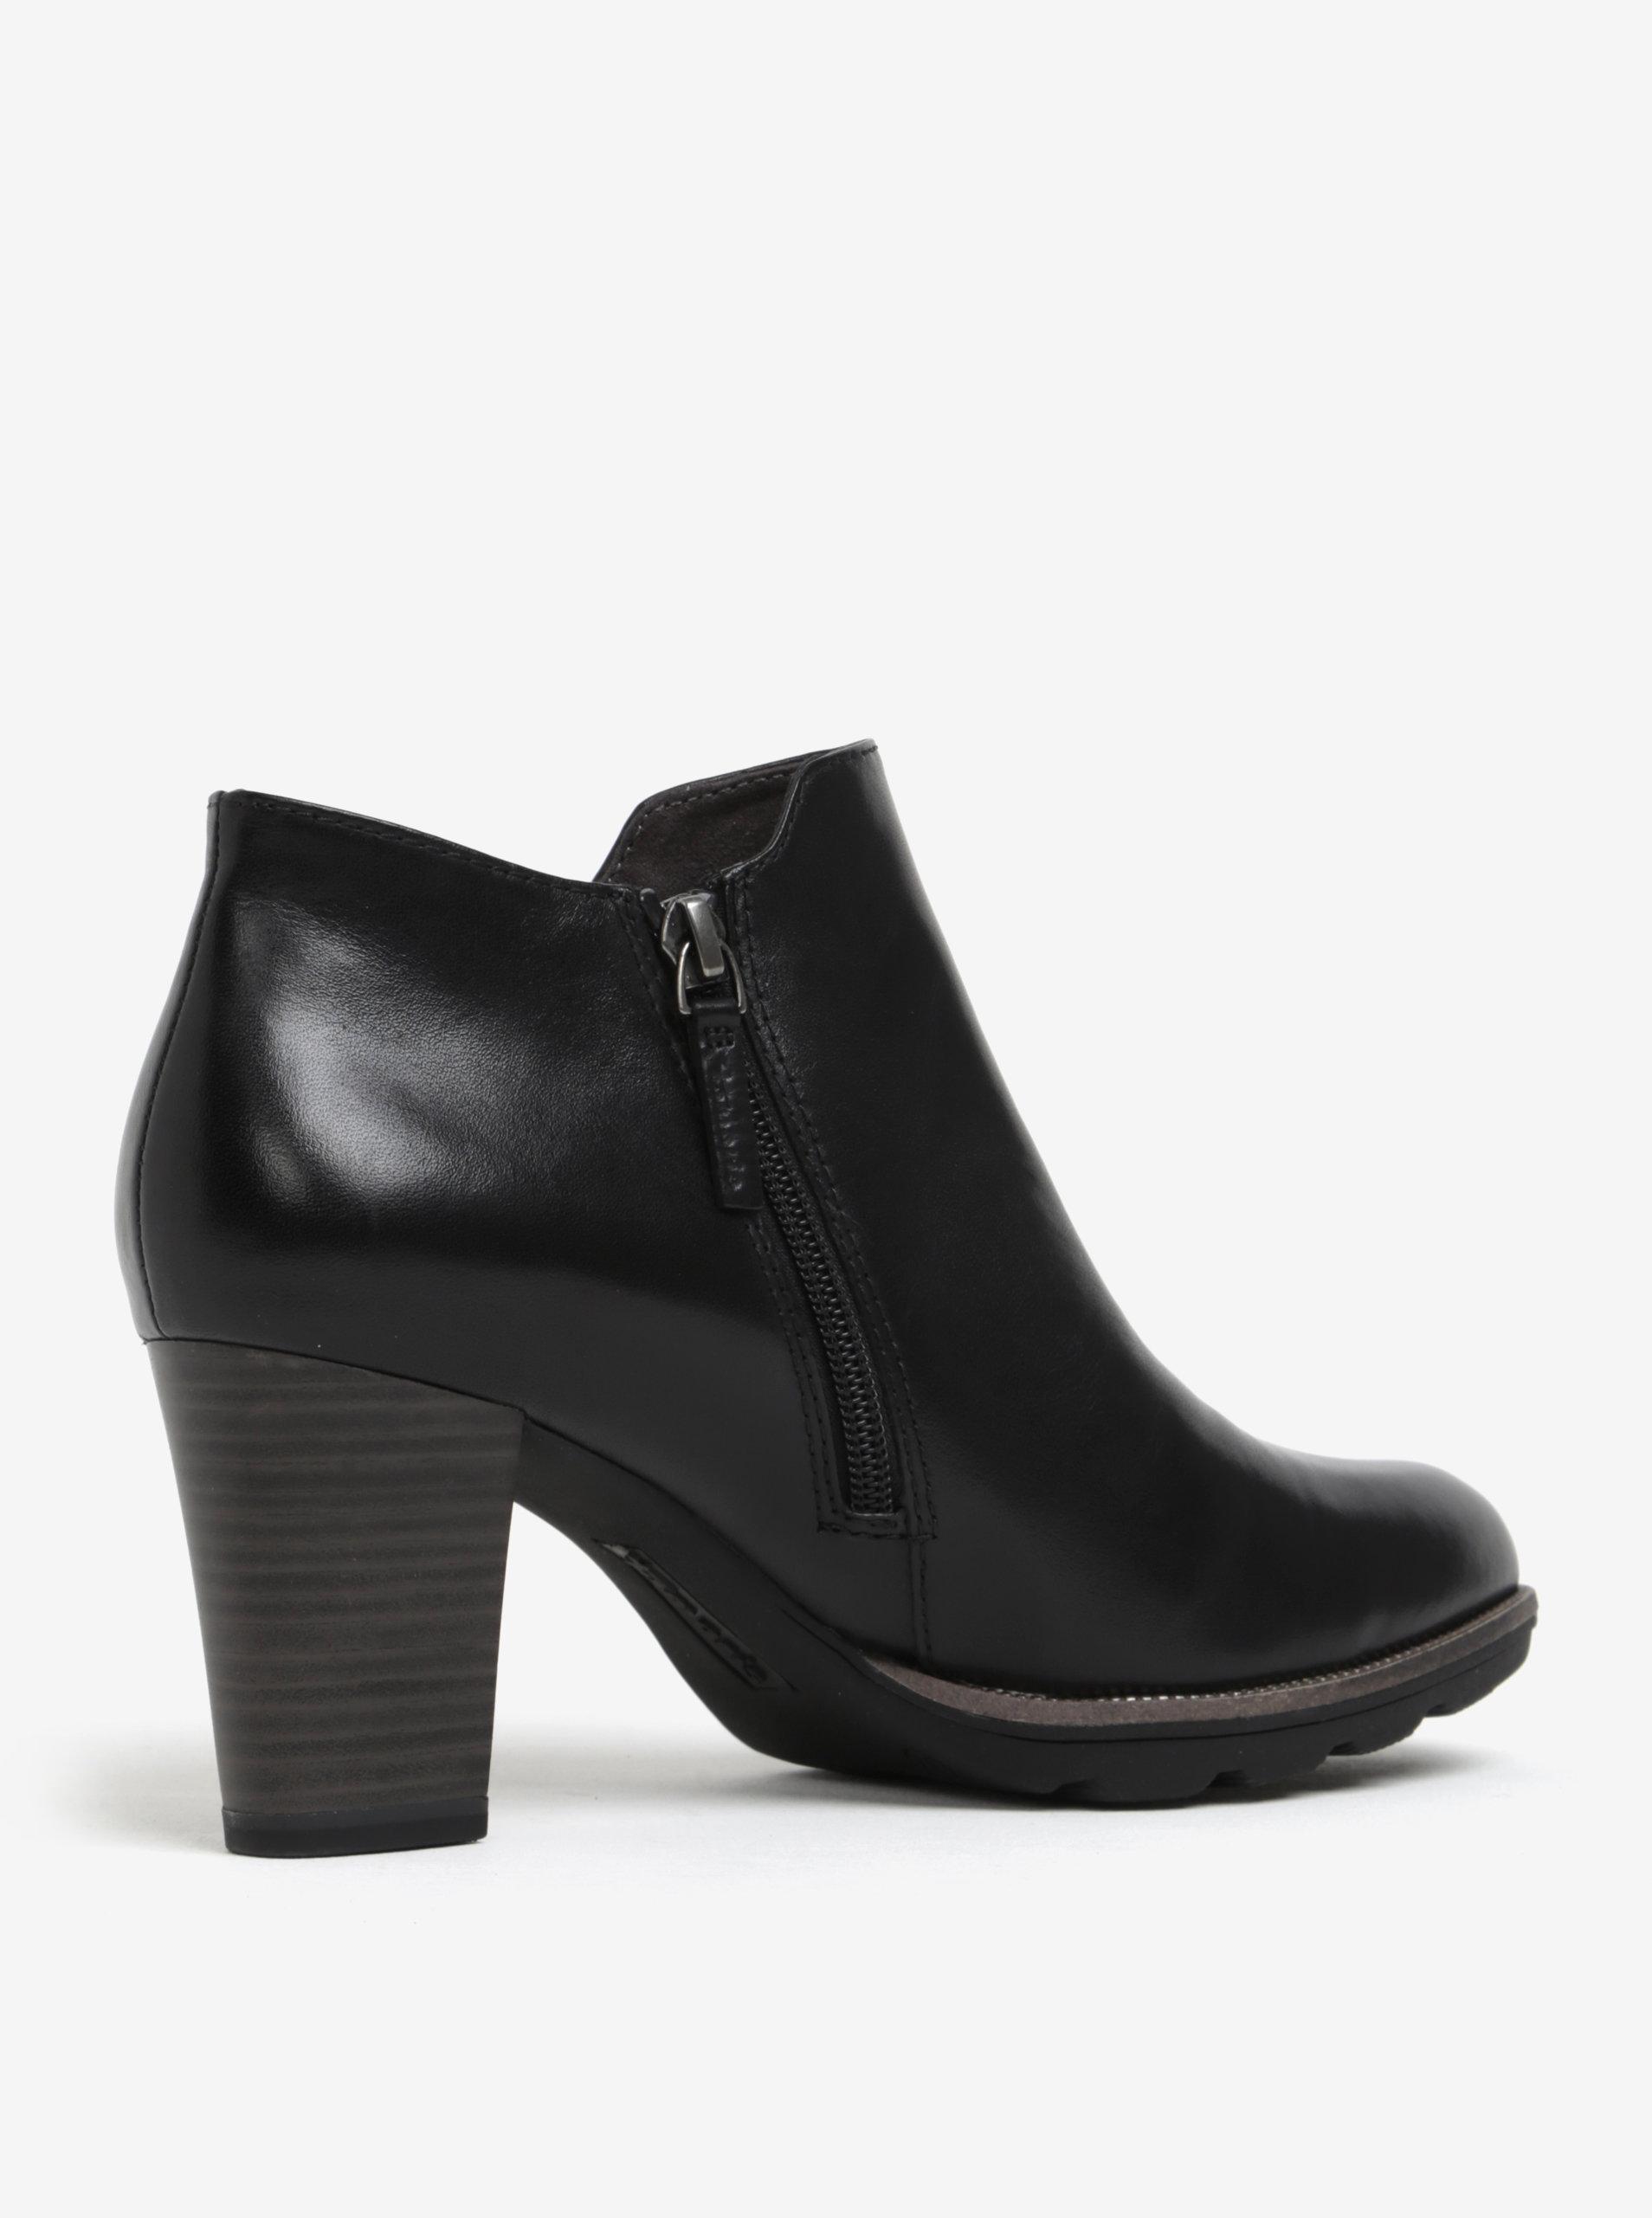 69c10b3d935 Černé kožené kotníkové boty na podpatku Tamaris - Akční cena ...